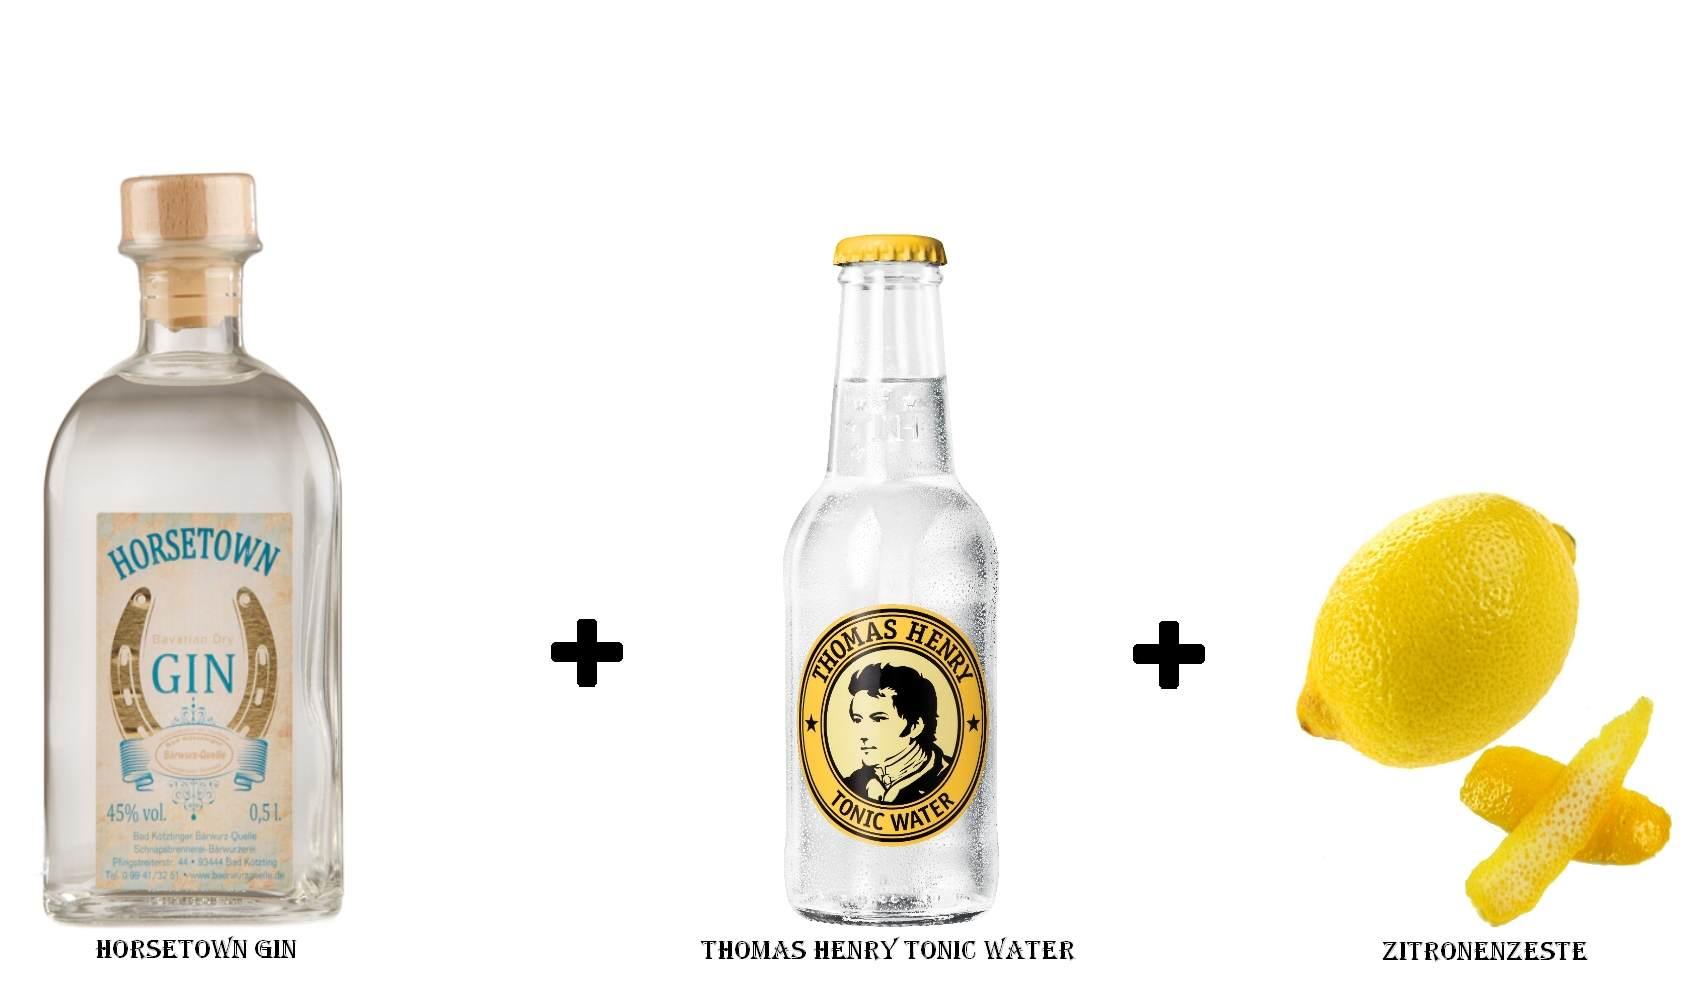 Horsetown Gin + Thomas Henry Tonic Water + Zitronenzeste